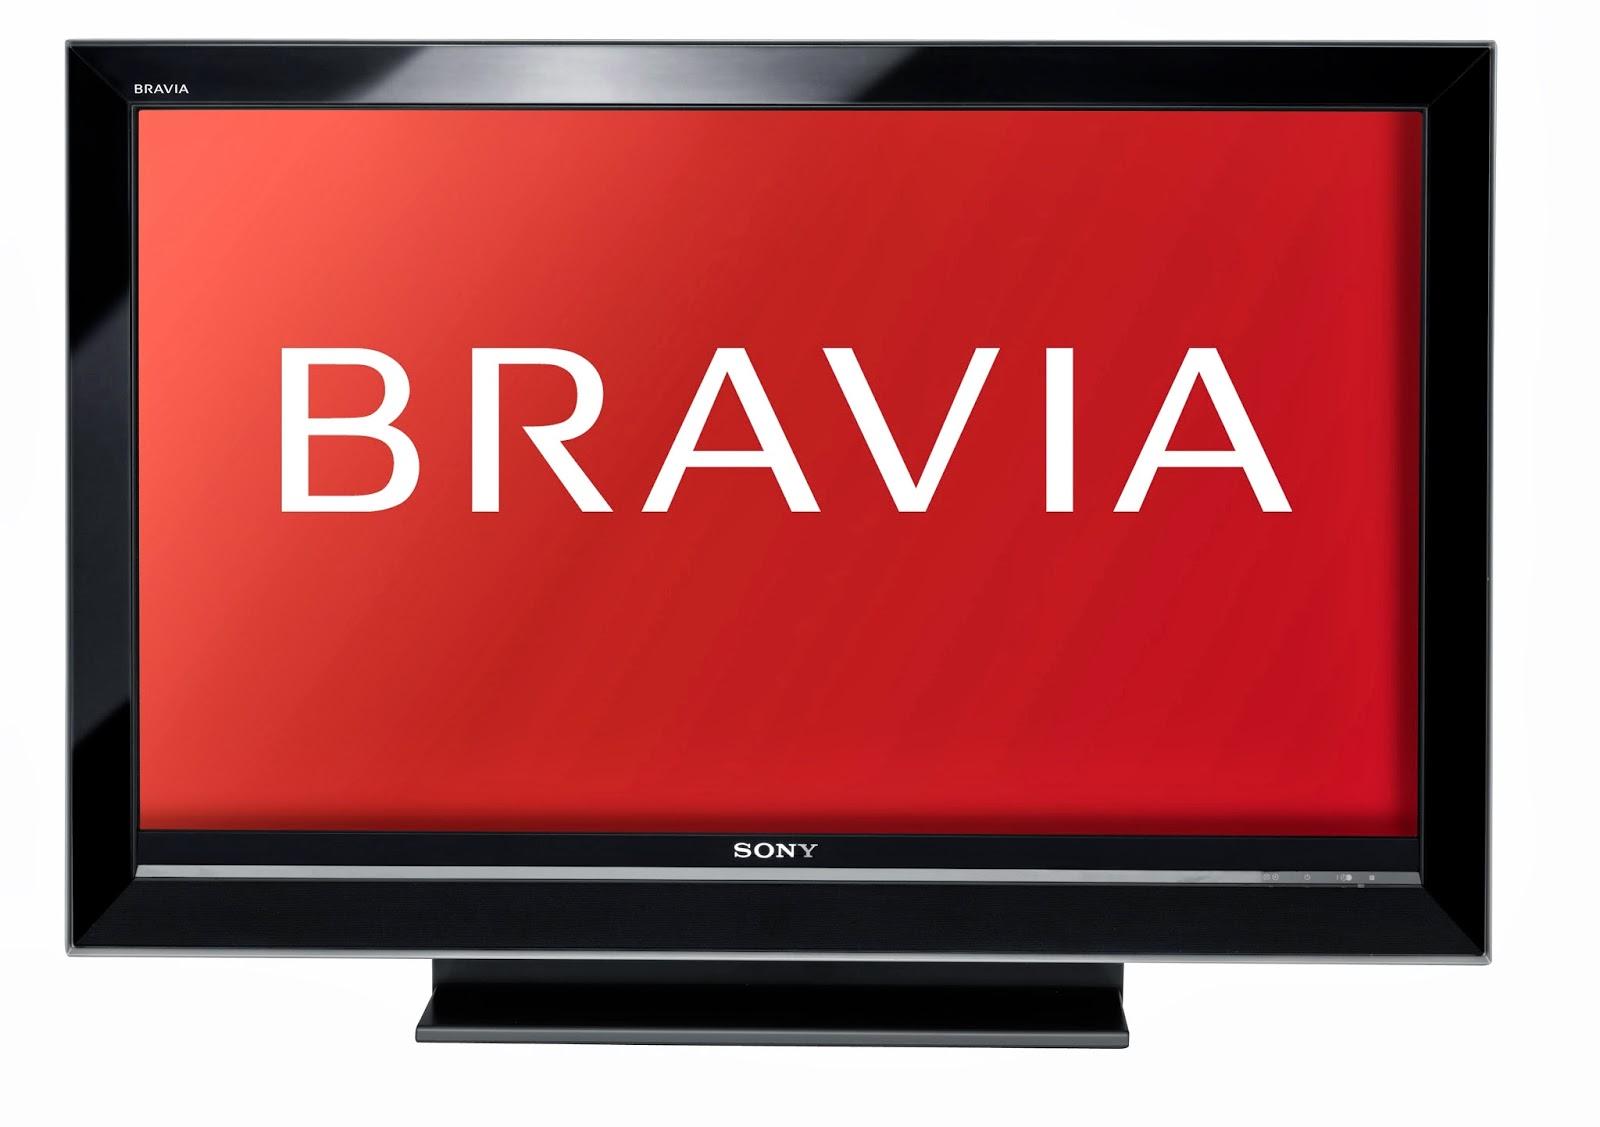 Daftar Harga TV LCD Semua Merek Terbaru 2014